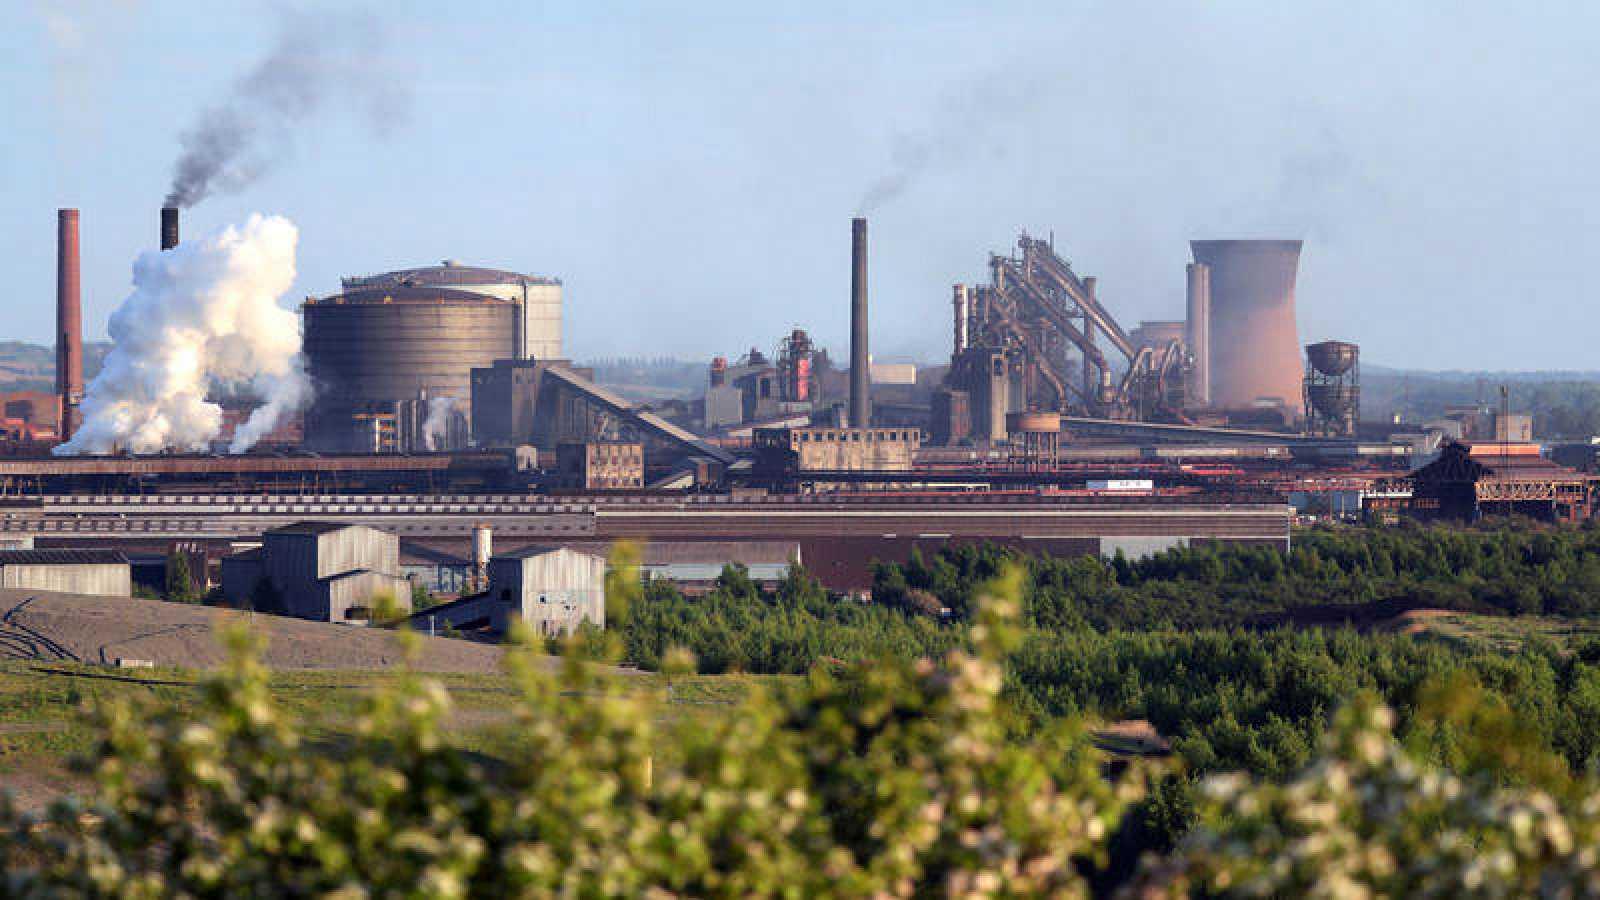 Imagen de la planta de British Steel en Scunthorpe, en el norte de Inglaterra